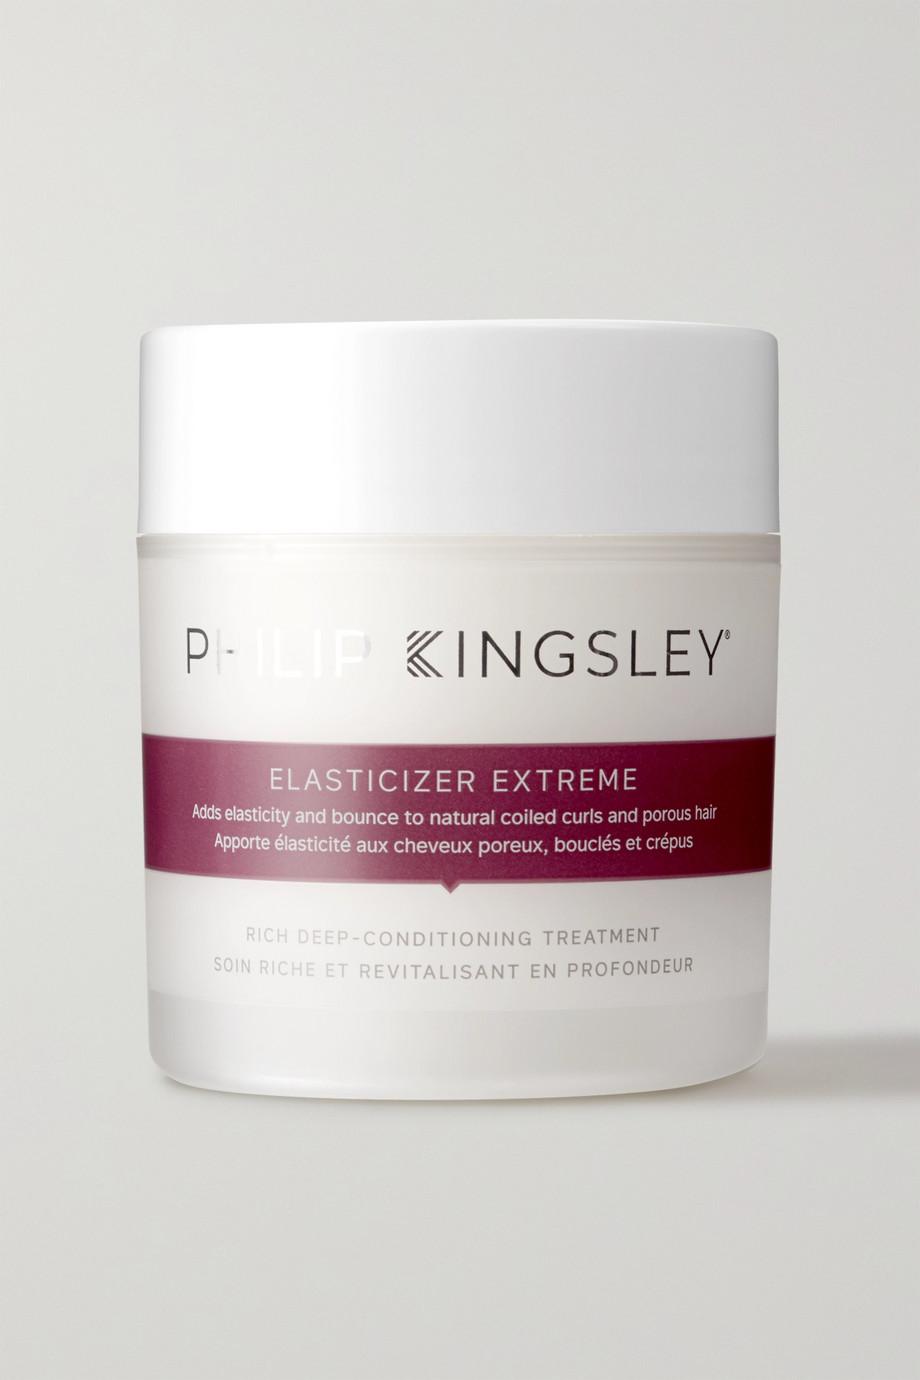 PHILIP KINGSLEY Elasticizer Extreme, 150ml